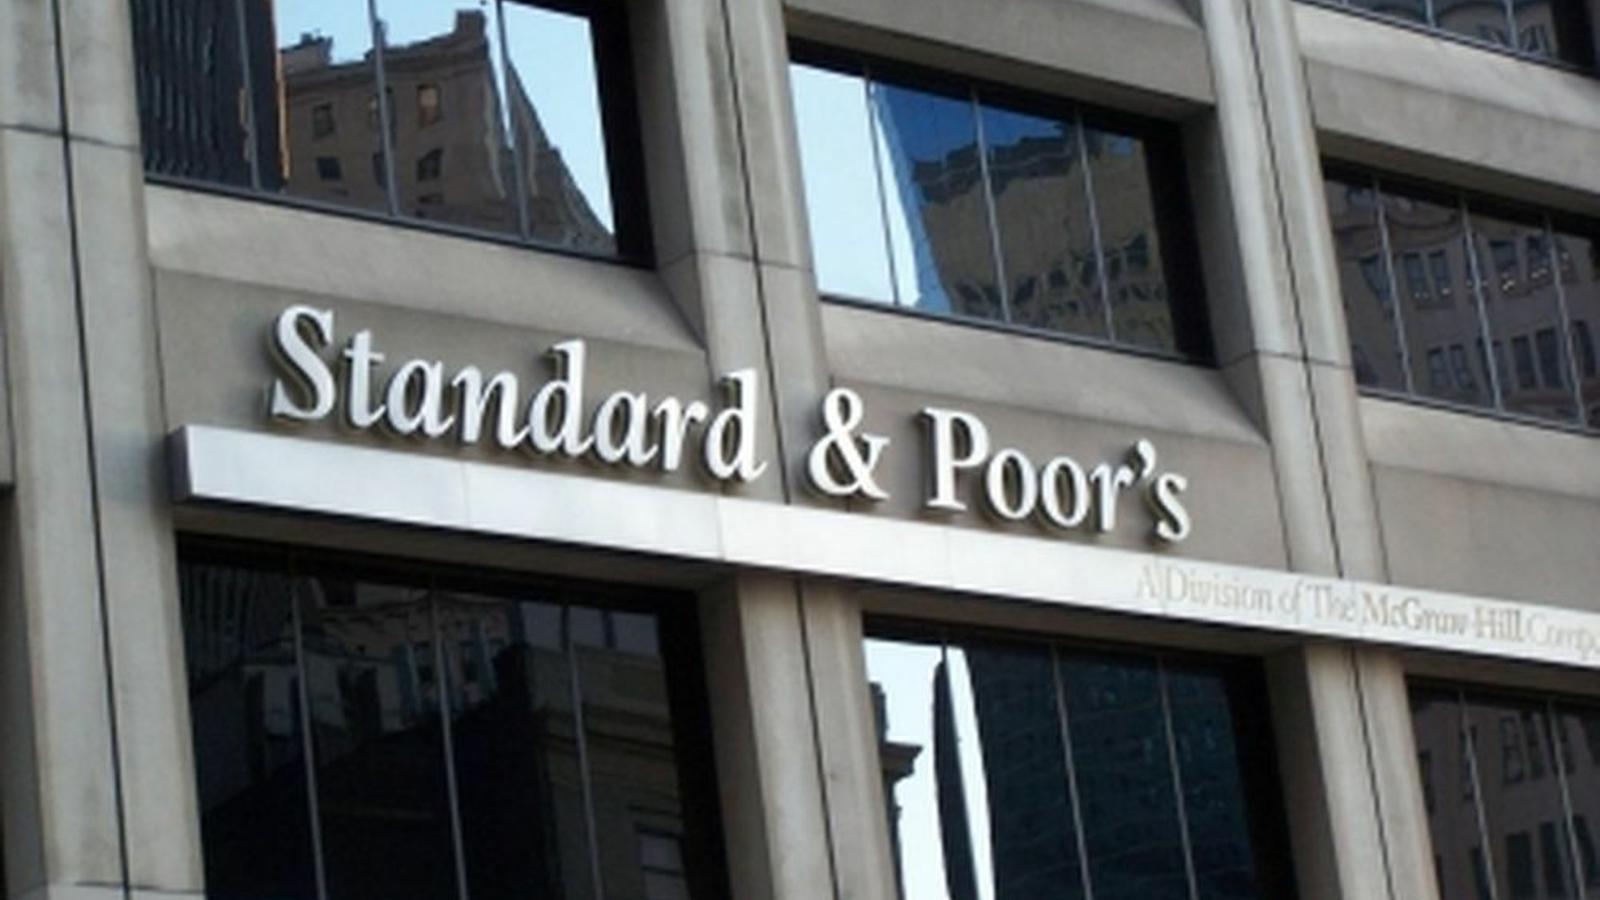 Imatge de la seu de l'agència Standard & Poor's. / ARXIU ANA